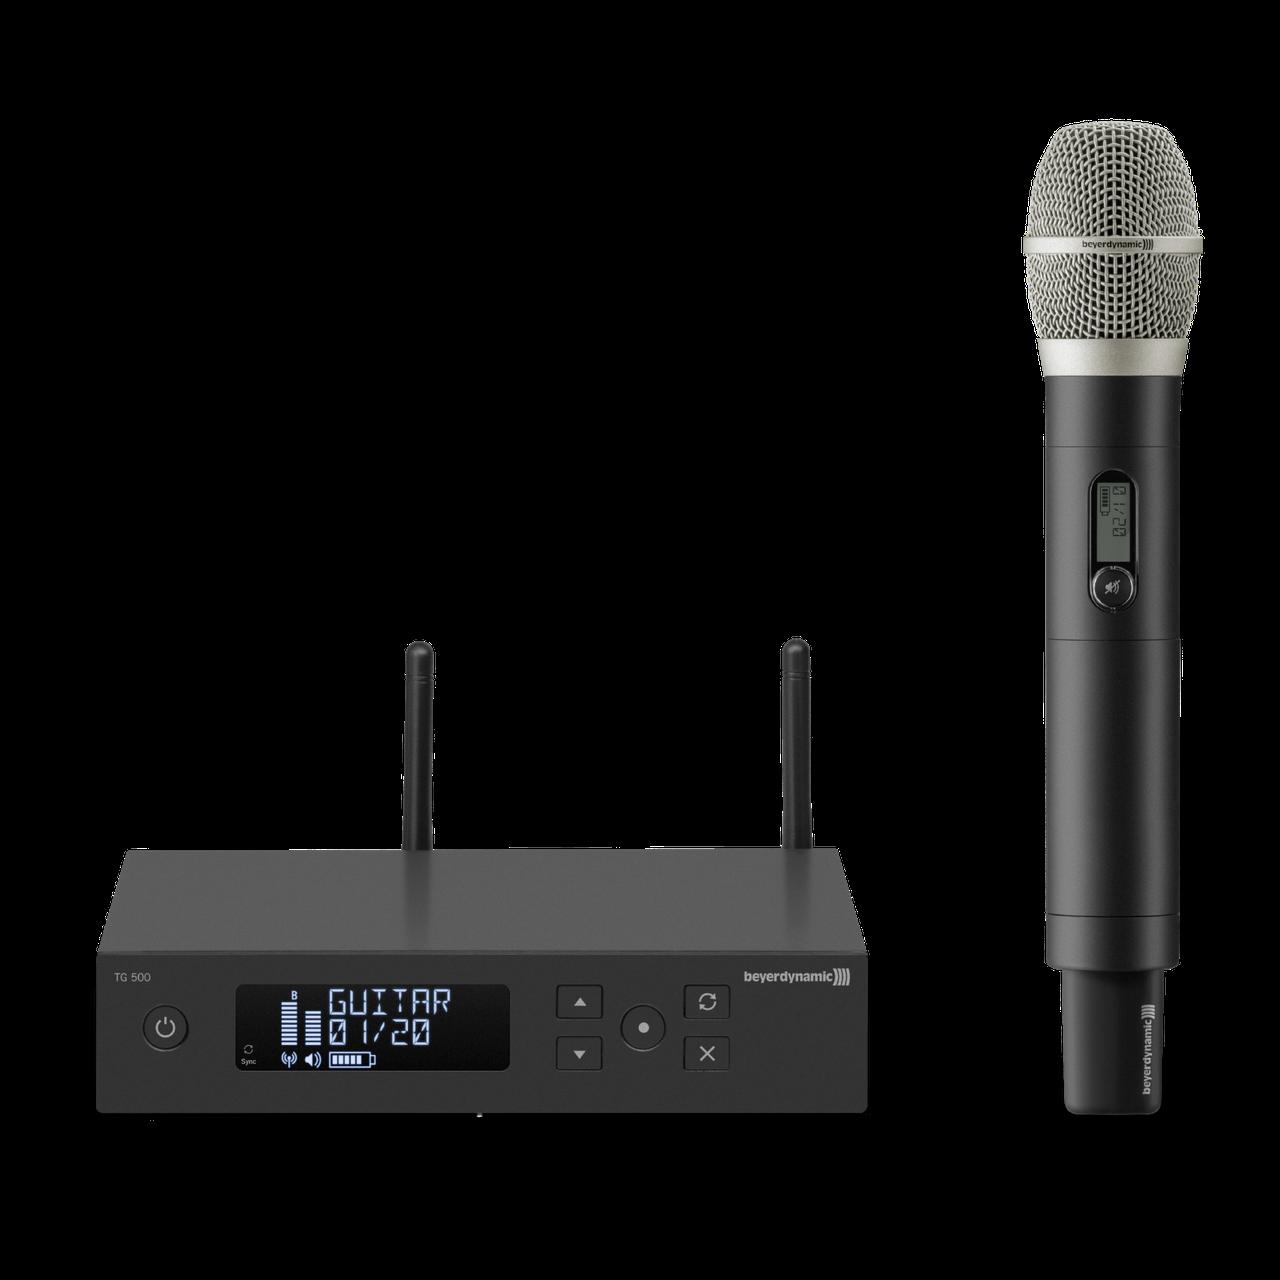 BEYERDYNAMIC TG 556 518-548 MHz вокальная истинно диверситивная радиосистема